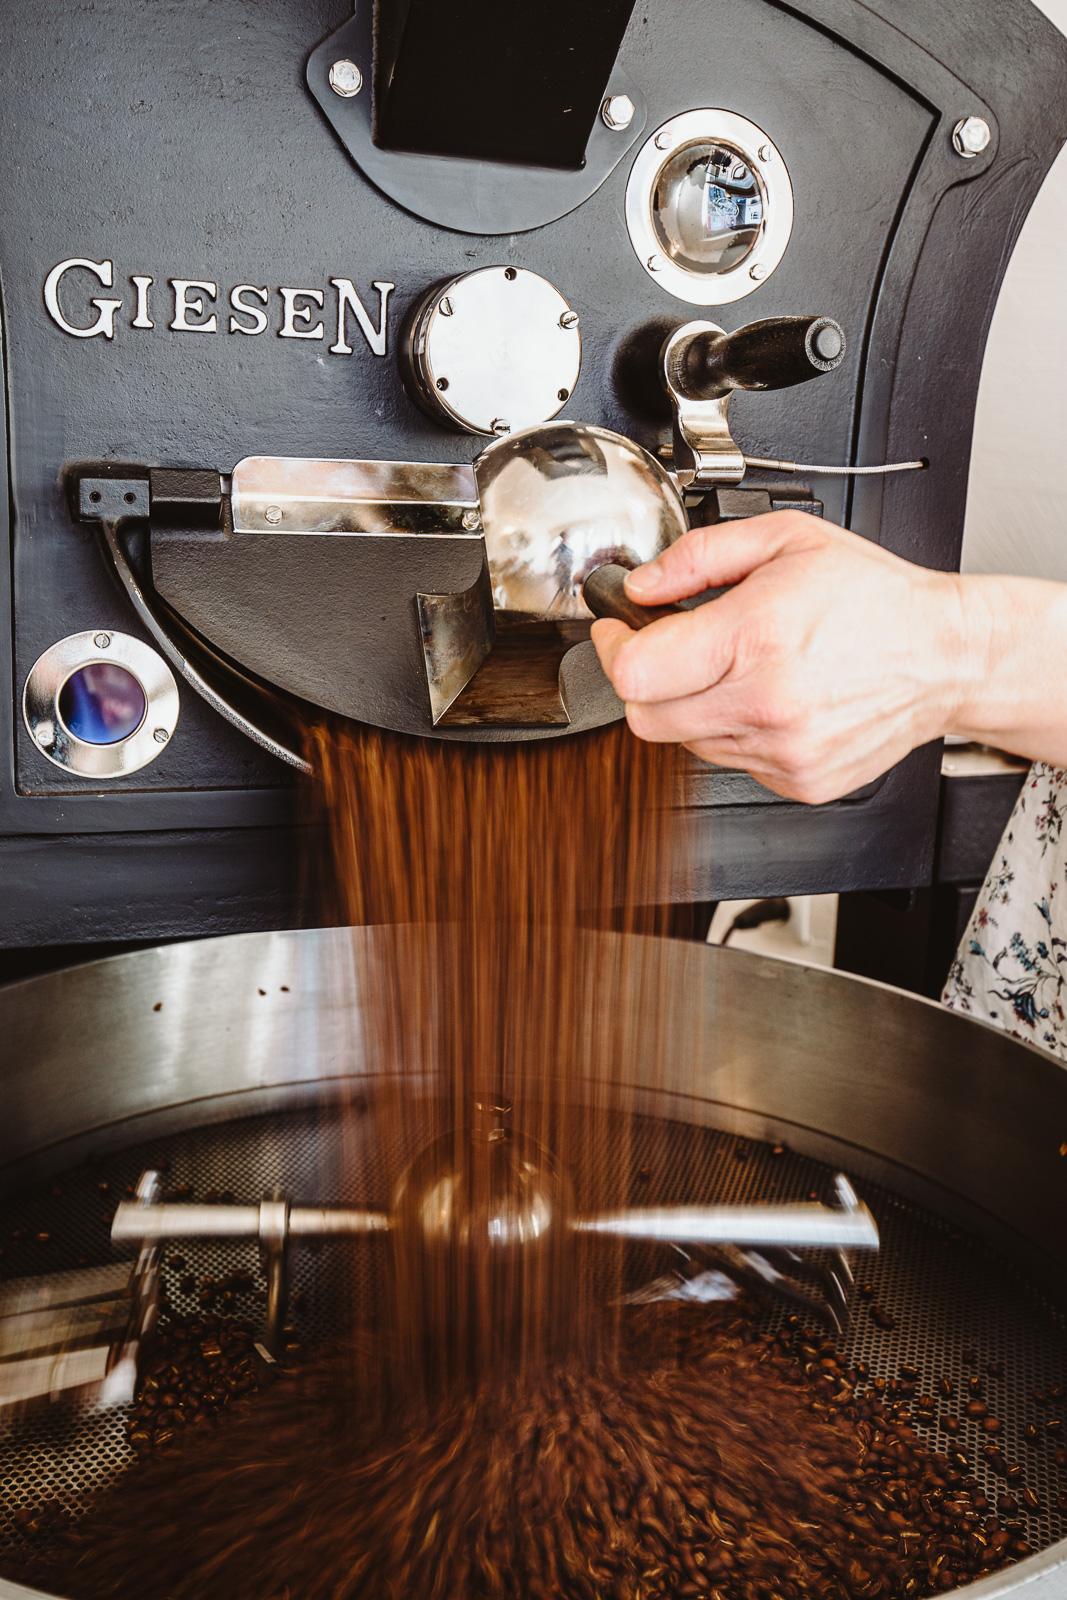 Kaffeebohnen fallen - Businessfotograf Bernadett Yehdou